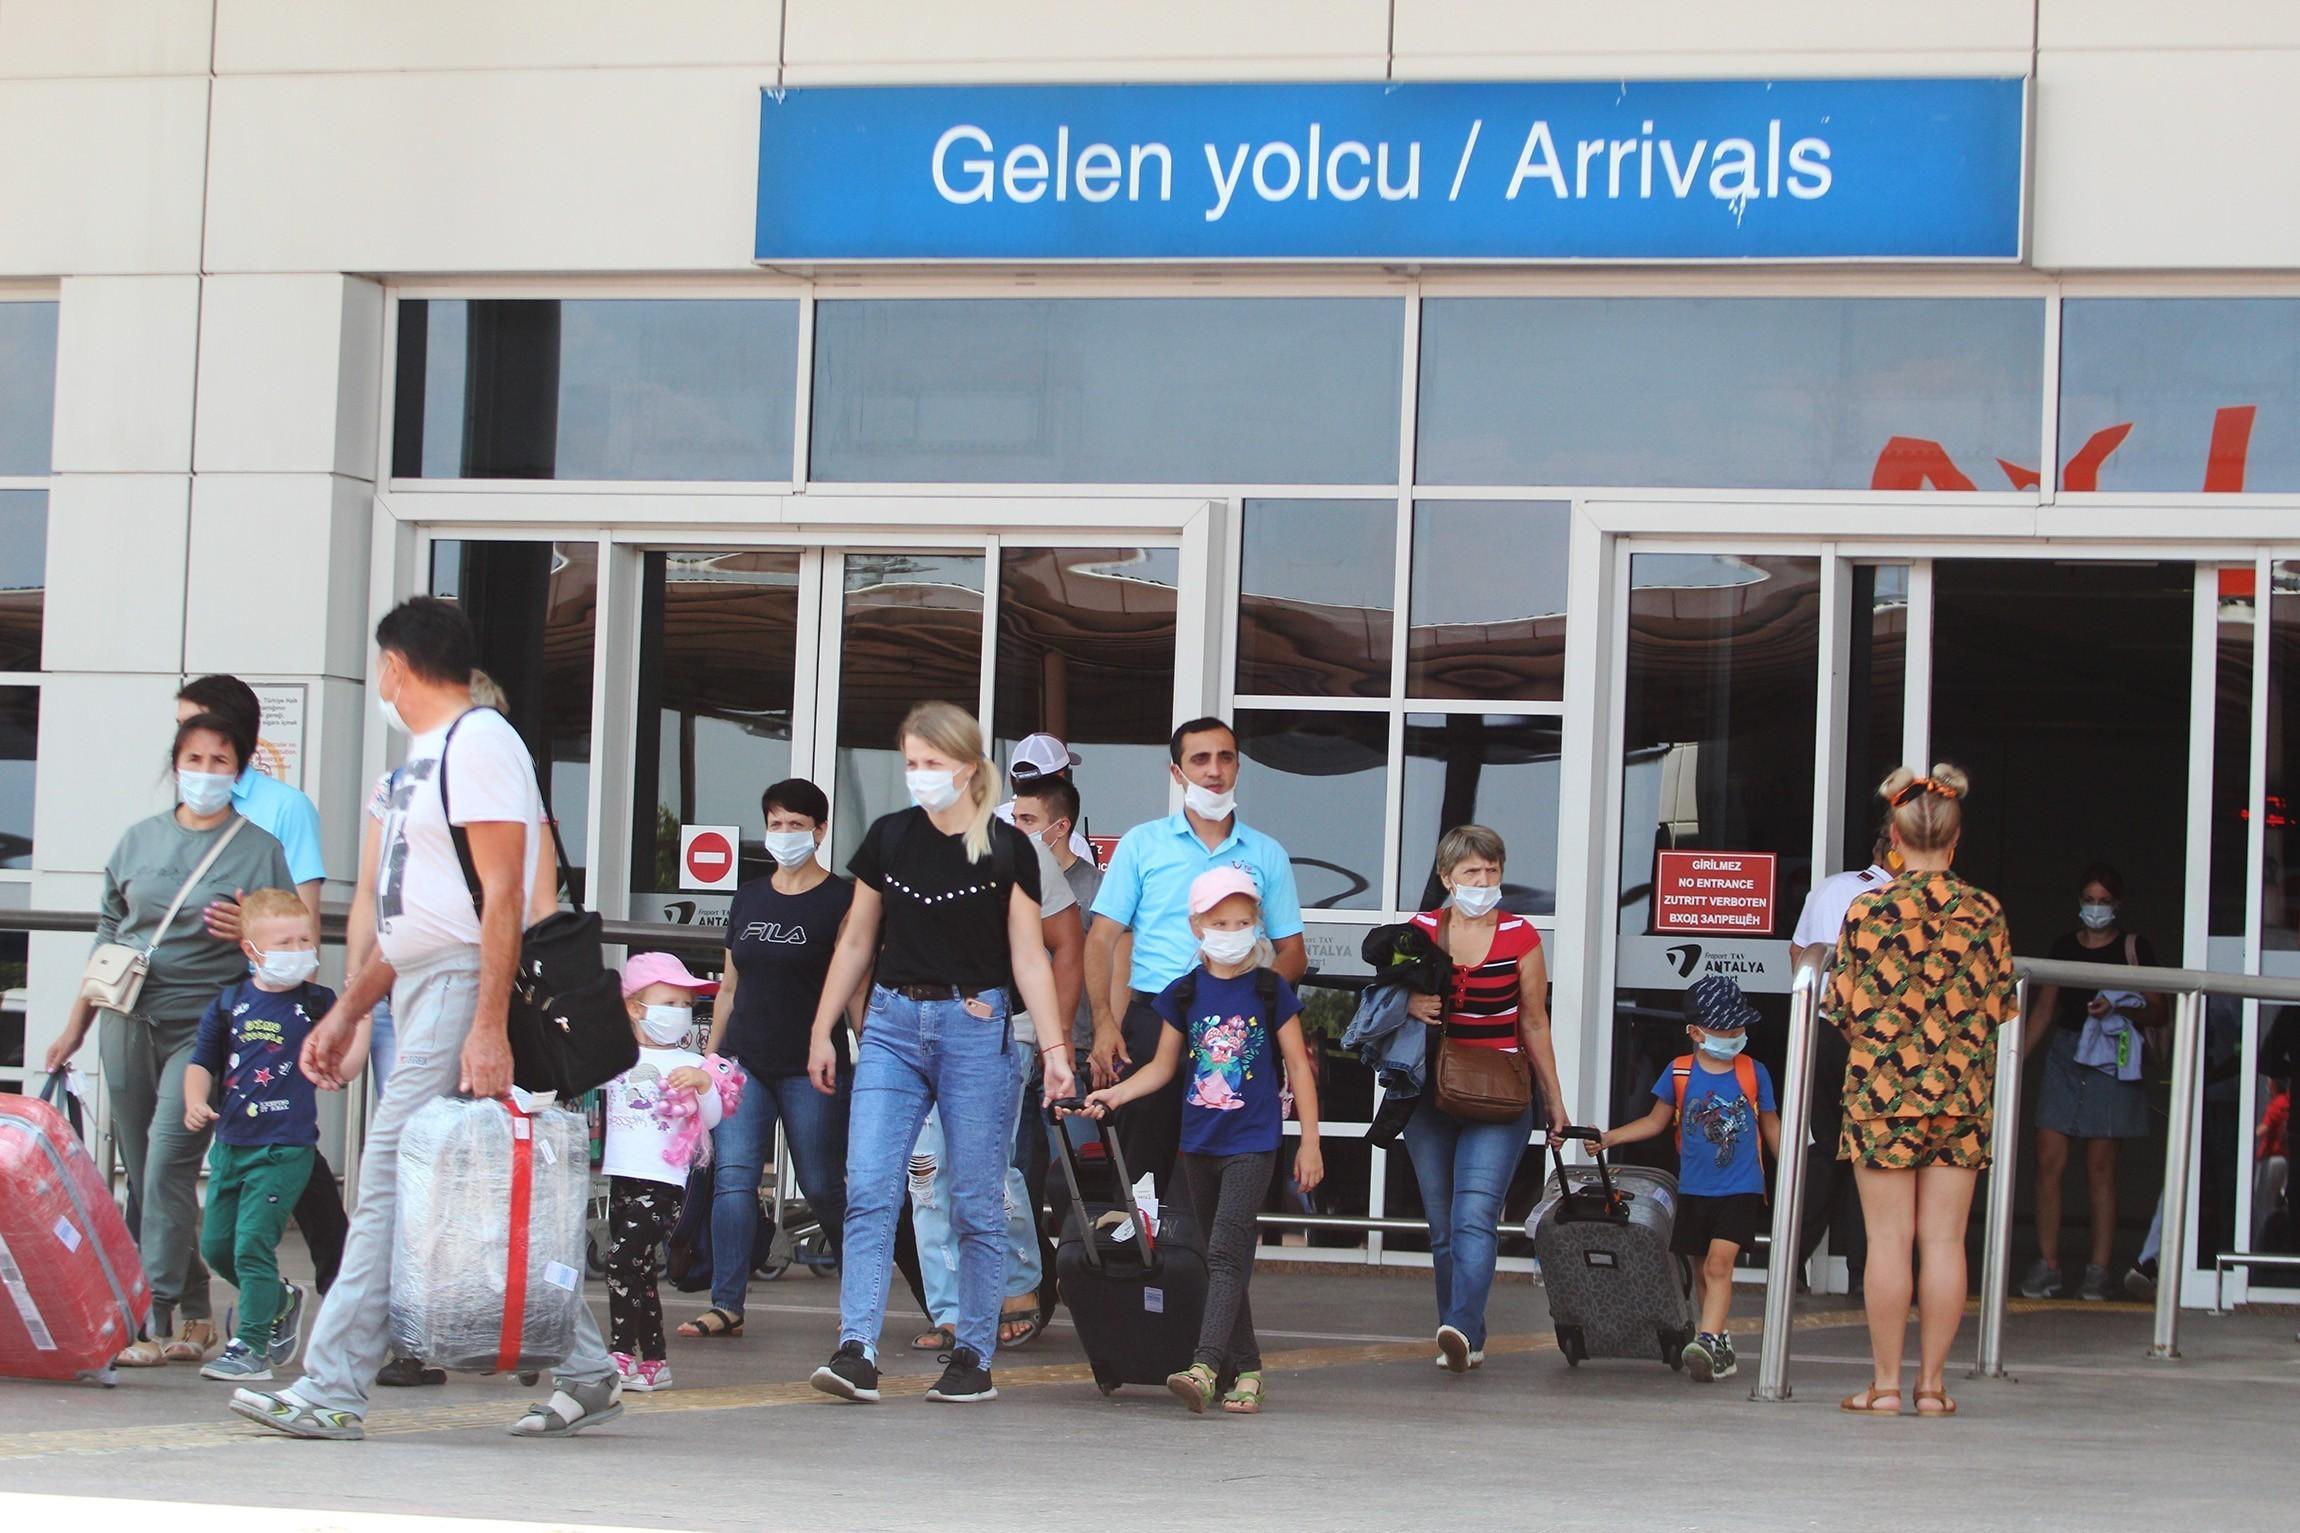 <p>Yasaklara takılan seyahat arzusunun süre uzadıkça daha da arttığını söyleyen Antalya Kent Konseyi Turizm Çalışma Grubu Başkanı Recep Yavuz, milyonlarca insanın bir an önce tedbirlerini alarak, korkusuz ve endişesiz seyahat etmenin özlemini çektiğini söyledi. Bazı ülkelerin bu sürece çoktan geçtiklerini hatırlatan Yavuz , Örneğin Covid-19 vak'alarının neredeyse tamamen bittiği Çin'de 2020 yılının Ağustos ayında iç hat uçuşları geçtiğimiz seneyi yakalamıştı. Görünen o ki seyahat tahminlerden daha önce geri dönecek ve turizmin aldığı bu ağır darbe birkaç yıl içinde telafi edilebilecek. Korona süreci ve sonrasında Turizmde önemli değişikliklerin meydana geleceği kuşkusuz. Bazı alanlarda soft ve yumuşak değişimler olurken, bazı konularda sert ve radikal değişikliklere hazırlıklı olmak gerekiyor. dedi.<br />Antalya Kent Konseyi Turizm Çalışma Grubu Başkanı Recep Yavuz, kişisel bloğunda turizmde üç önemli değişikliğe dikkat çekti. Dünya turizminin kalbi sayılan ve dünyaya en çok turist gönderen Avrupa kıtasının bu değişiklikleri en yoğun hissedecek bölgeler olduğunu ifade eden Recep yavuz, hem pandeminin seyrinin hayatı çok ciddi anlamda zorlaştırdığını, hem bir senedir evlerinde hapsolmuş milyonlarca insanının tatil arzusu dayanılmaz boyutlara çıktığını kaydetti. Yavuz, tatilin artık güzel zaman geçirme, eğlenme etkinliğinden çıkarak, bir terapi, yaşam sevinci boyutuna geçtiğinin altını çizdi.<br />Artık tatilcilerde ,'öyleyse tedbirimizi alıp, olabilecek en uygun yere gidelim' düşüncesinin hakim olmaya başladığını kaydeden Recep Yavuz, buna göre var olan şartlarla birlikte, olası olumlu ve olumsuz korona seyrinin de hesaba katıldığında 2021 ve sonrası tatil tercihi konusunda 3 önemli gelişmenin öne çıktığını ifade etti.<br /><br /></p> <p><strong>Kısa süreli yurt dışı seyahatler azalacak</strong></p> <p></p> <p>2021 yılında 2020 yılına göre hareketliliğin artacağını, insanların, maskeyi, mesafeyi ve hijyeni ön planda tutarak kendi korunmasını sağlayabilmeyi öğrendiğin